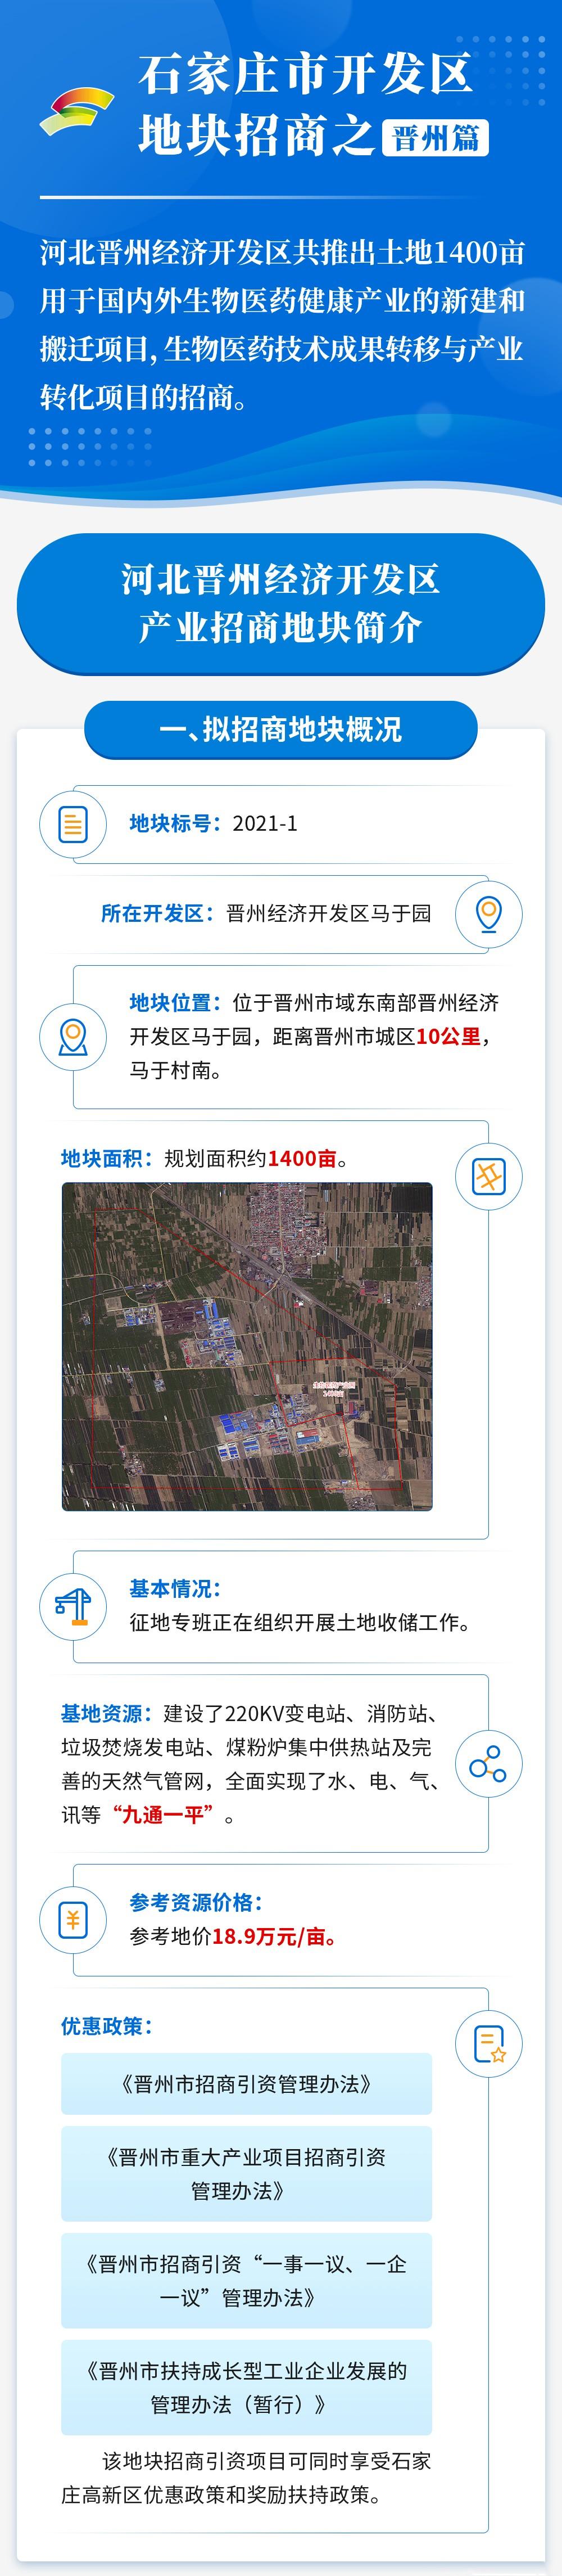 晋州经济开发区产业地块招商